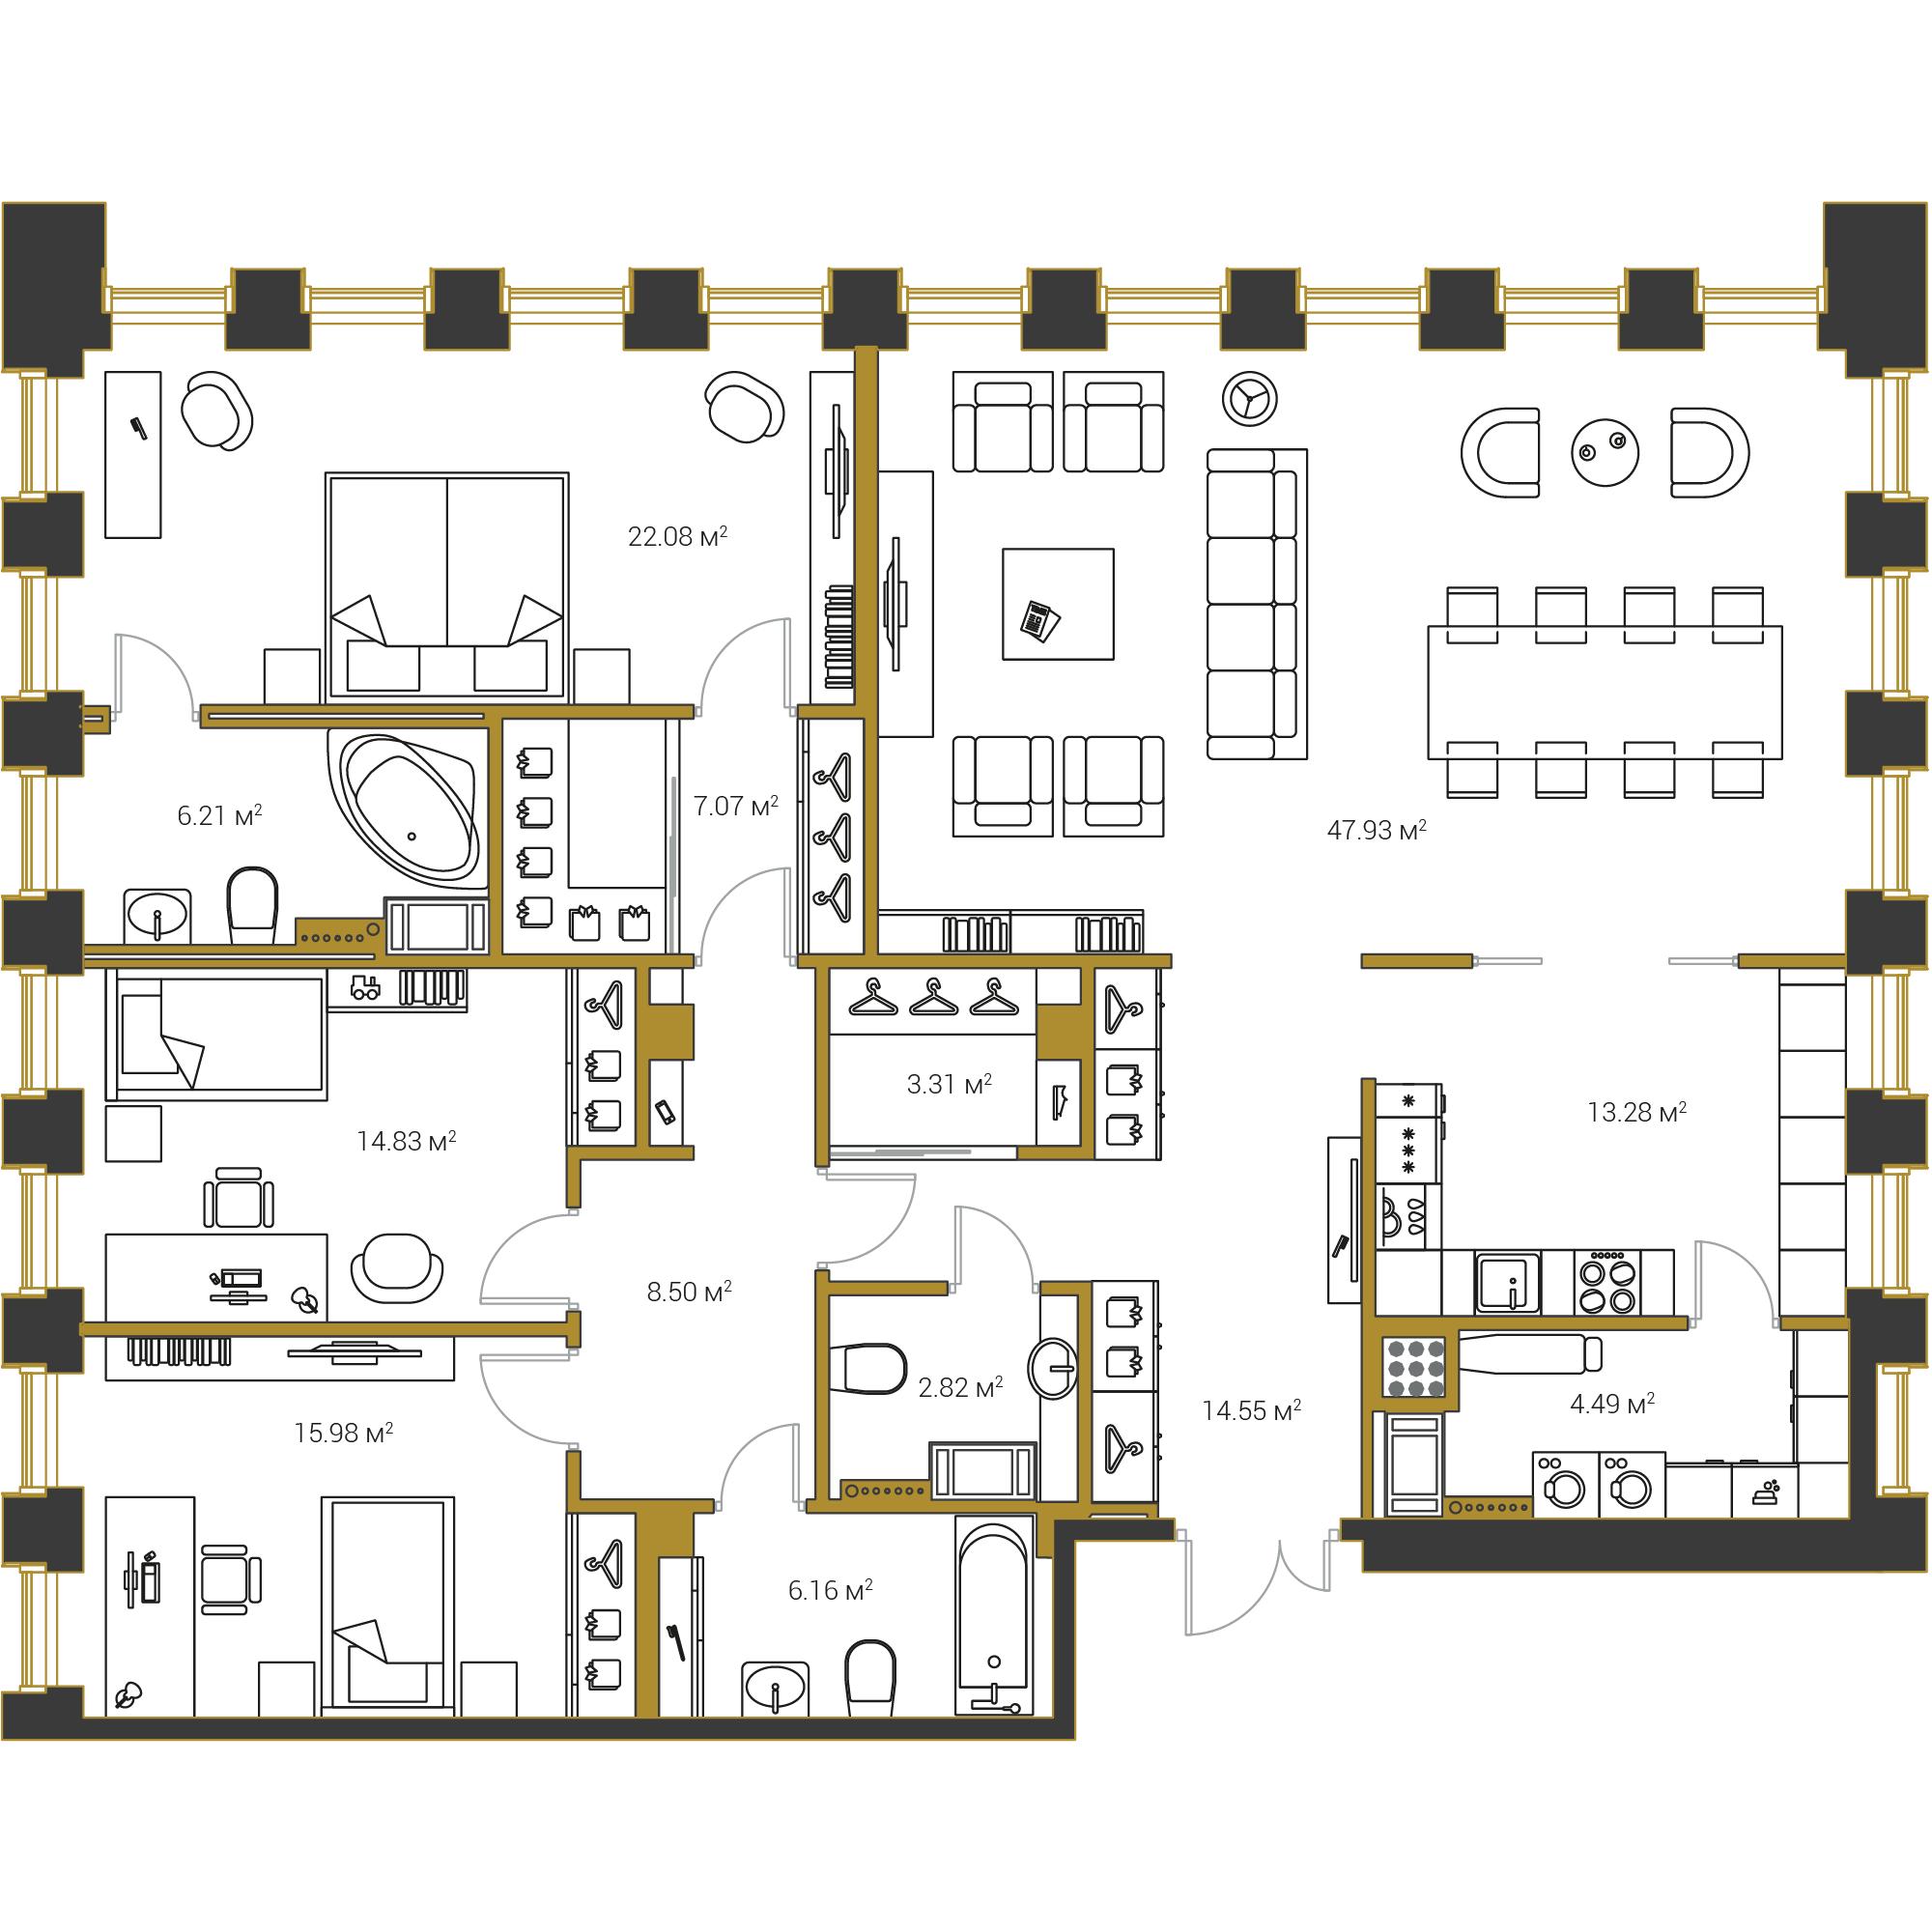 3-комнатная квартира №16 в: Институтский,16: 167.21 м²; этаж: 17 - купить в Санкт-Петербурге